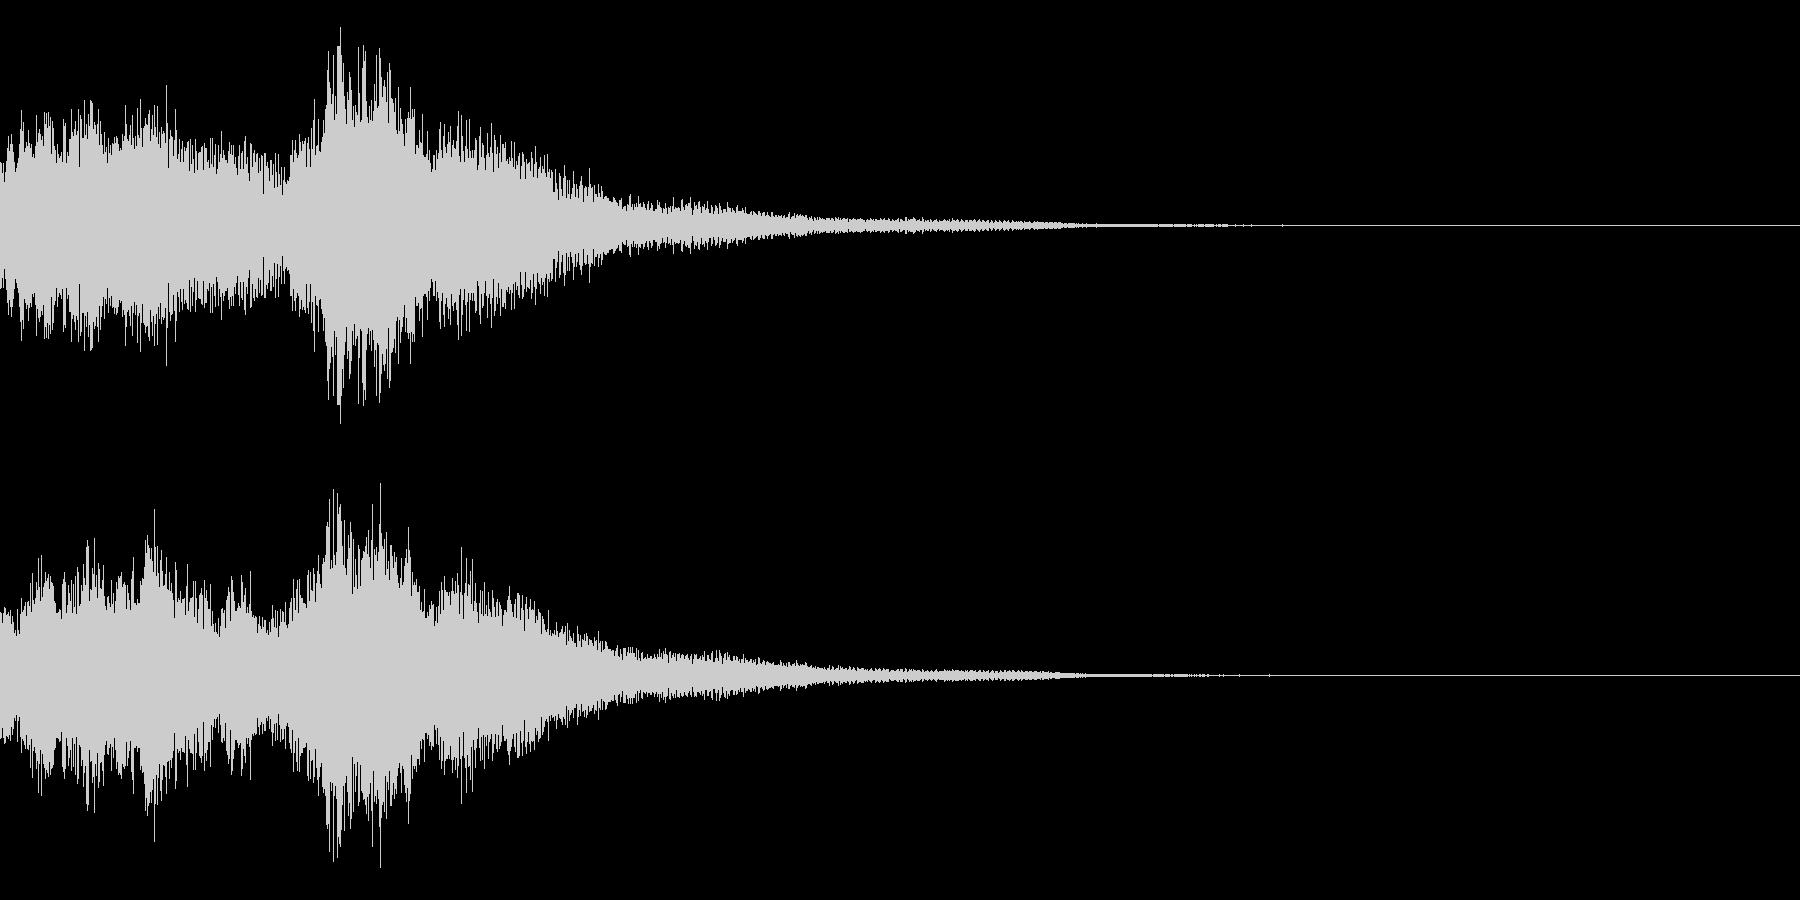 琴と刀の【シャキーン!】和風ロゴ 13の未再生の波形